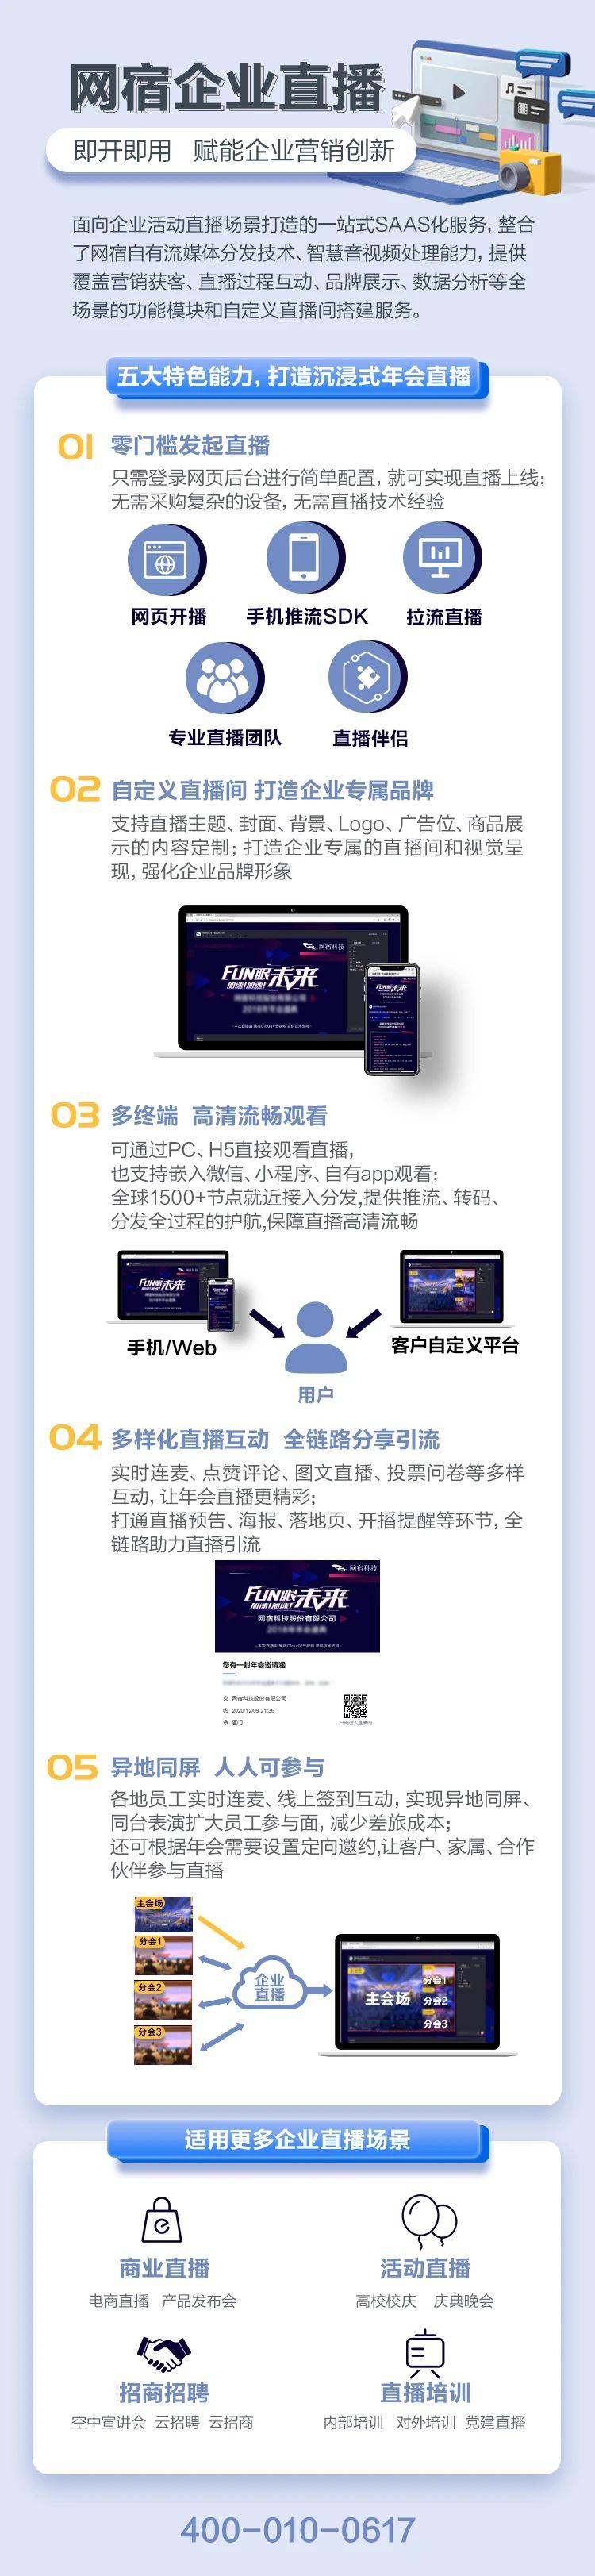 济南市工信局到访网宿科技调研座谈